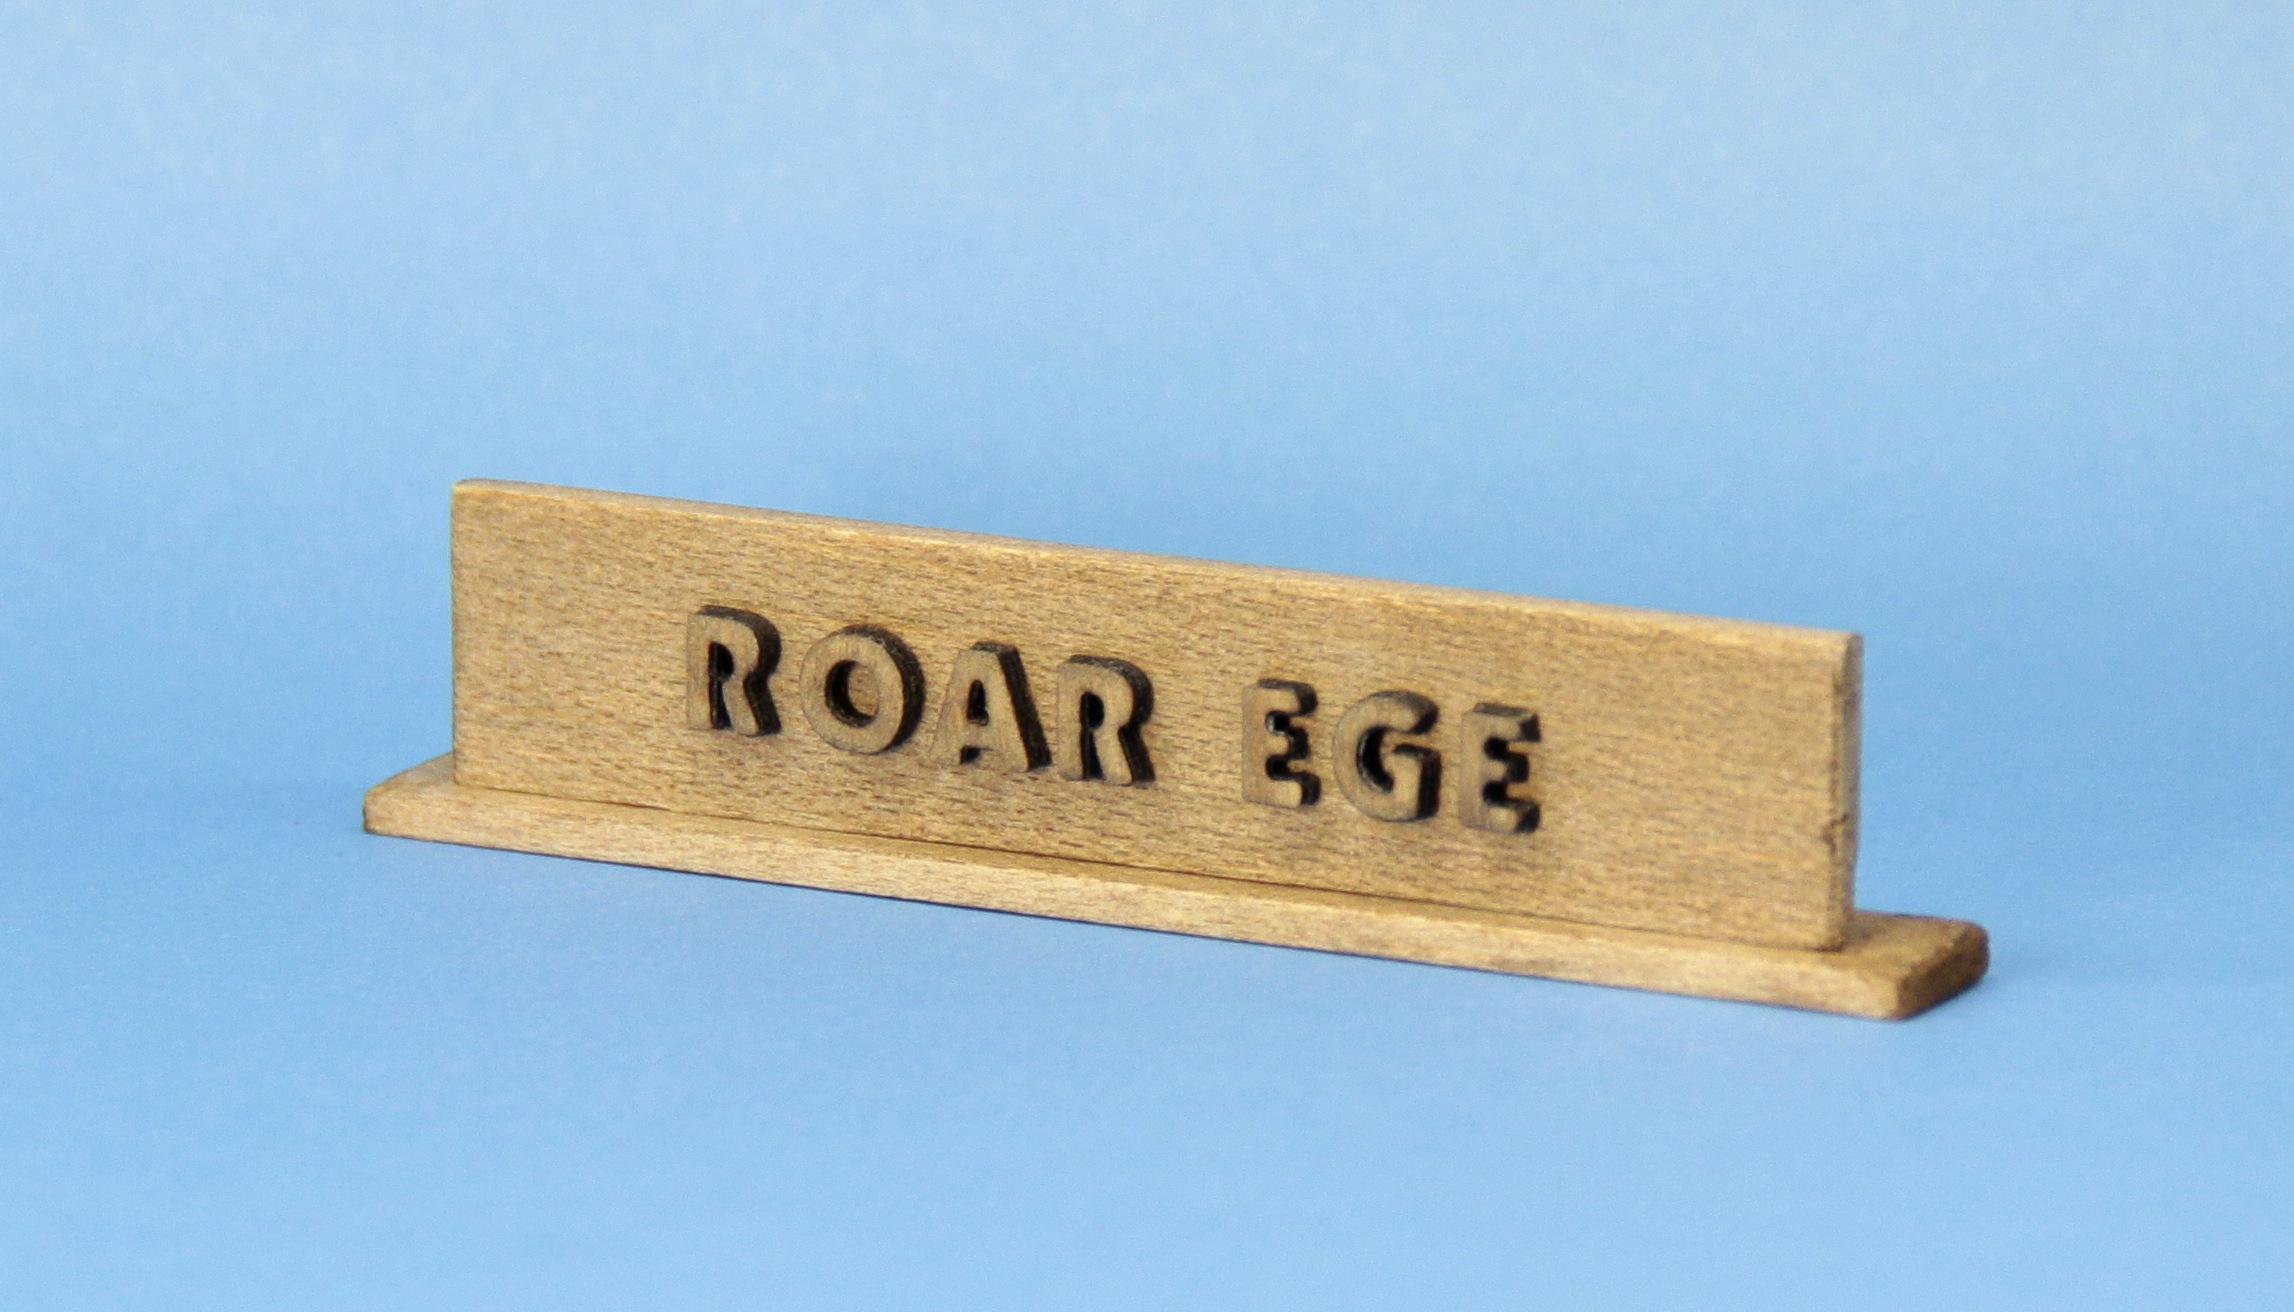 Roar Ege